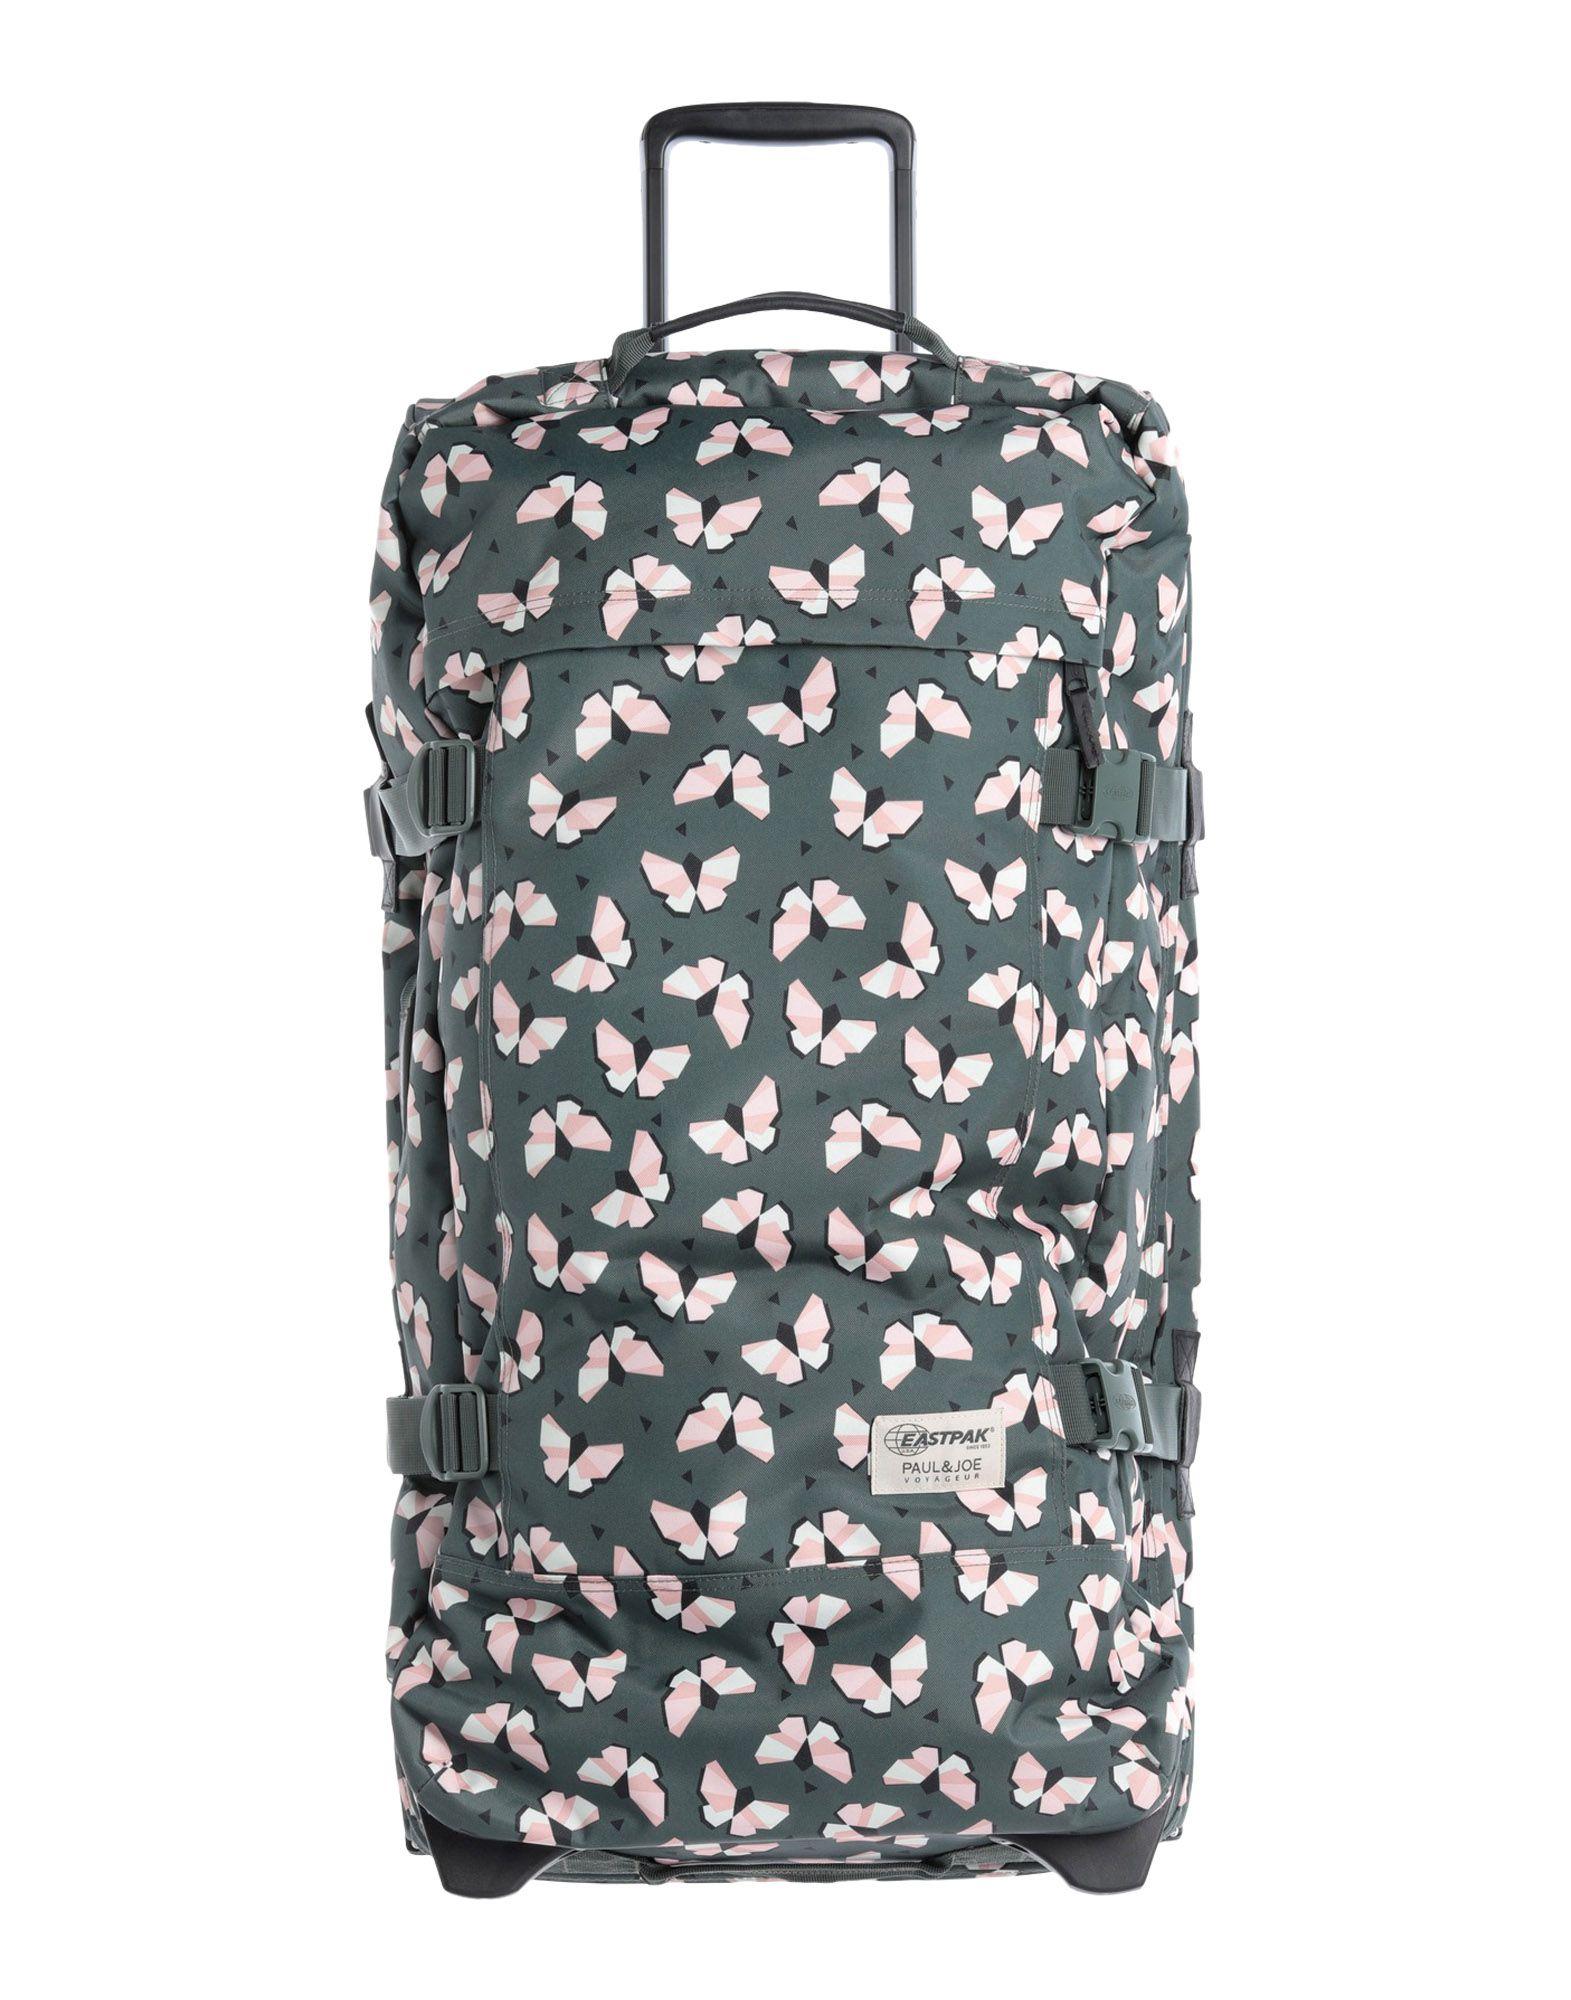 《期間限定セール中》EASTPAK Unisex キャスター付きバッグ ミリタリーグリーン 紡績繊維